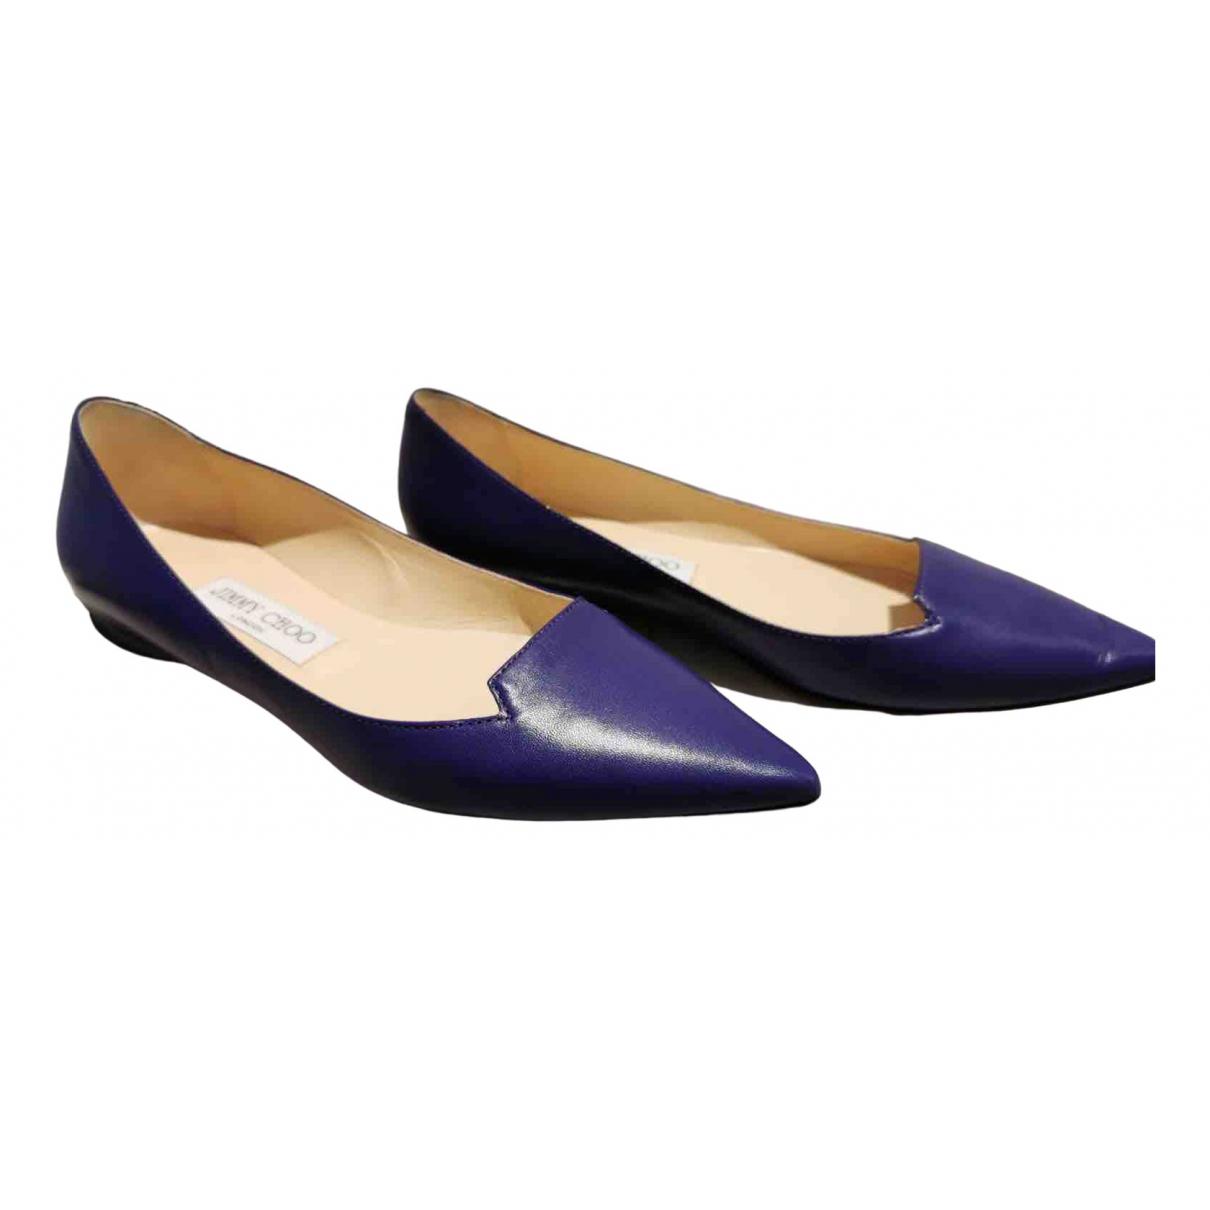 Jimmy Choo - Ballerines   pour femme en cuir - violet